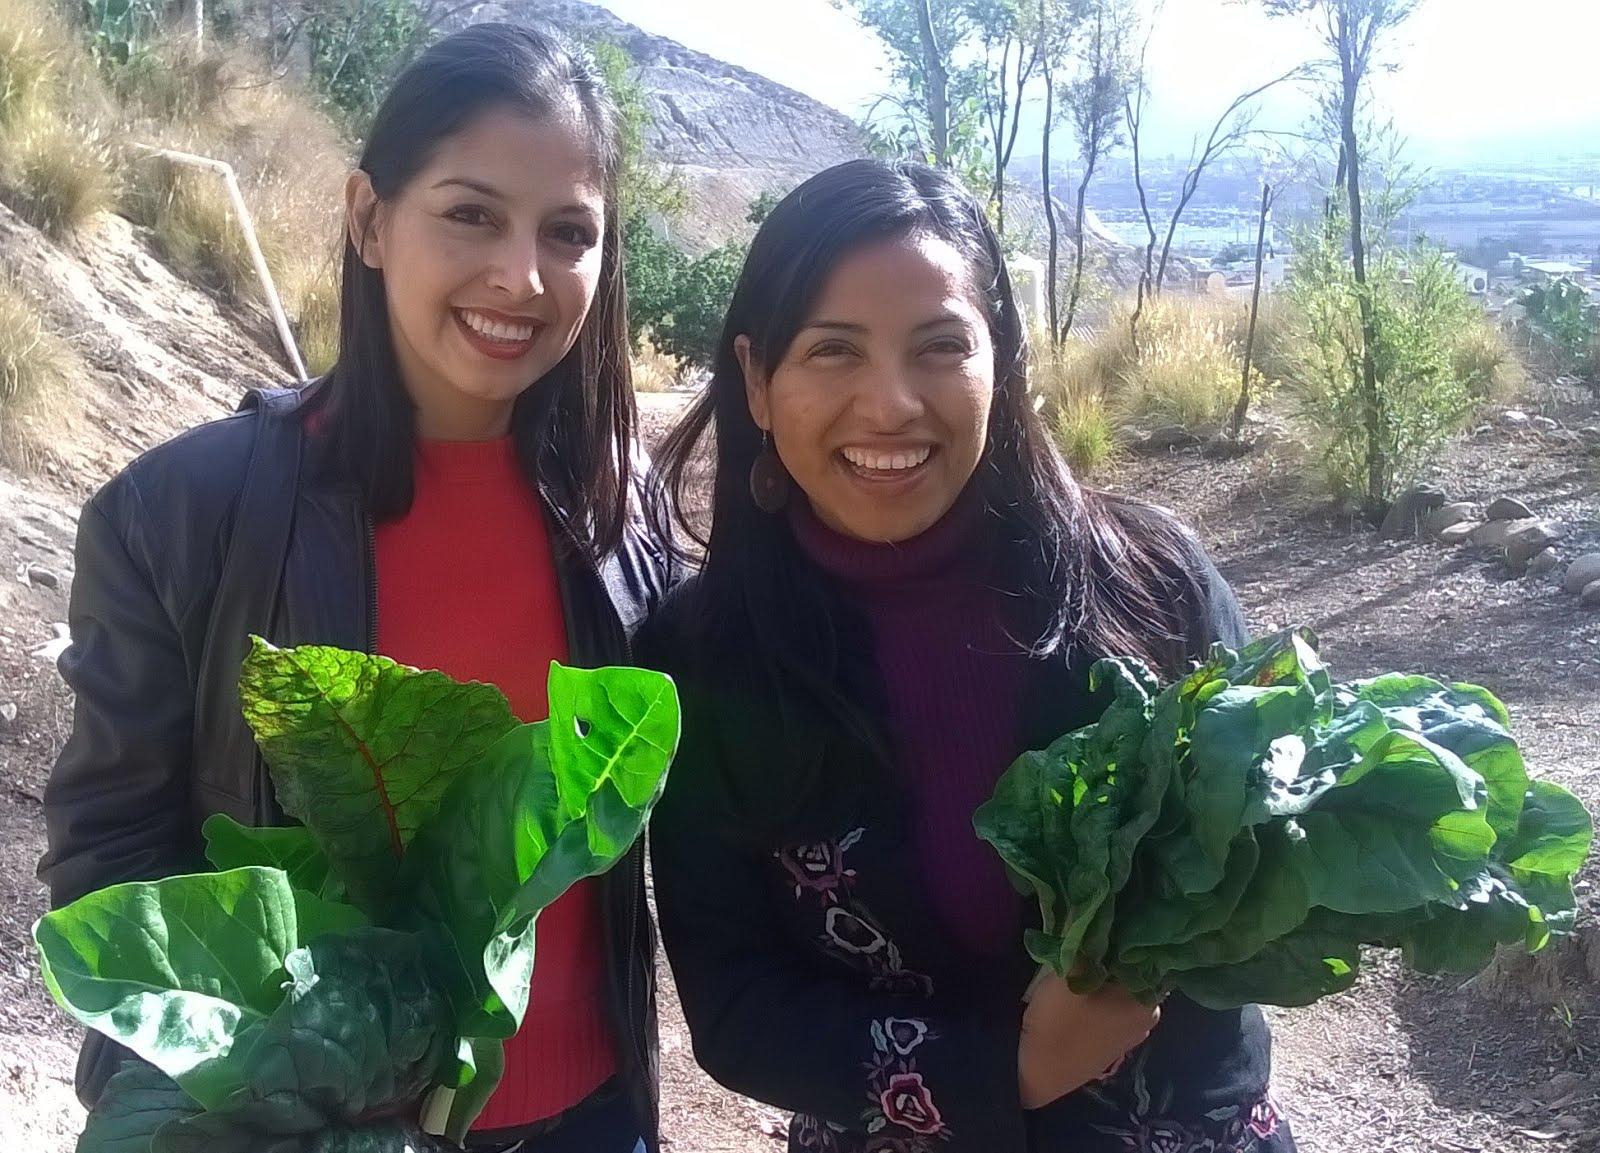 Es un gusto tener amigas con las que compartir la pasión del Medio ambiente